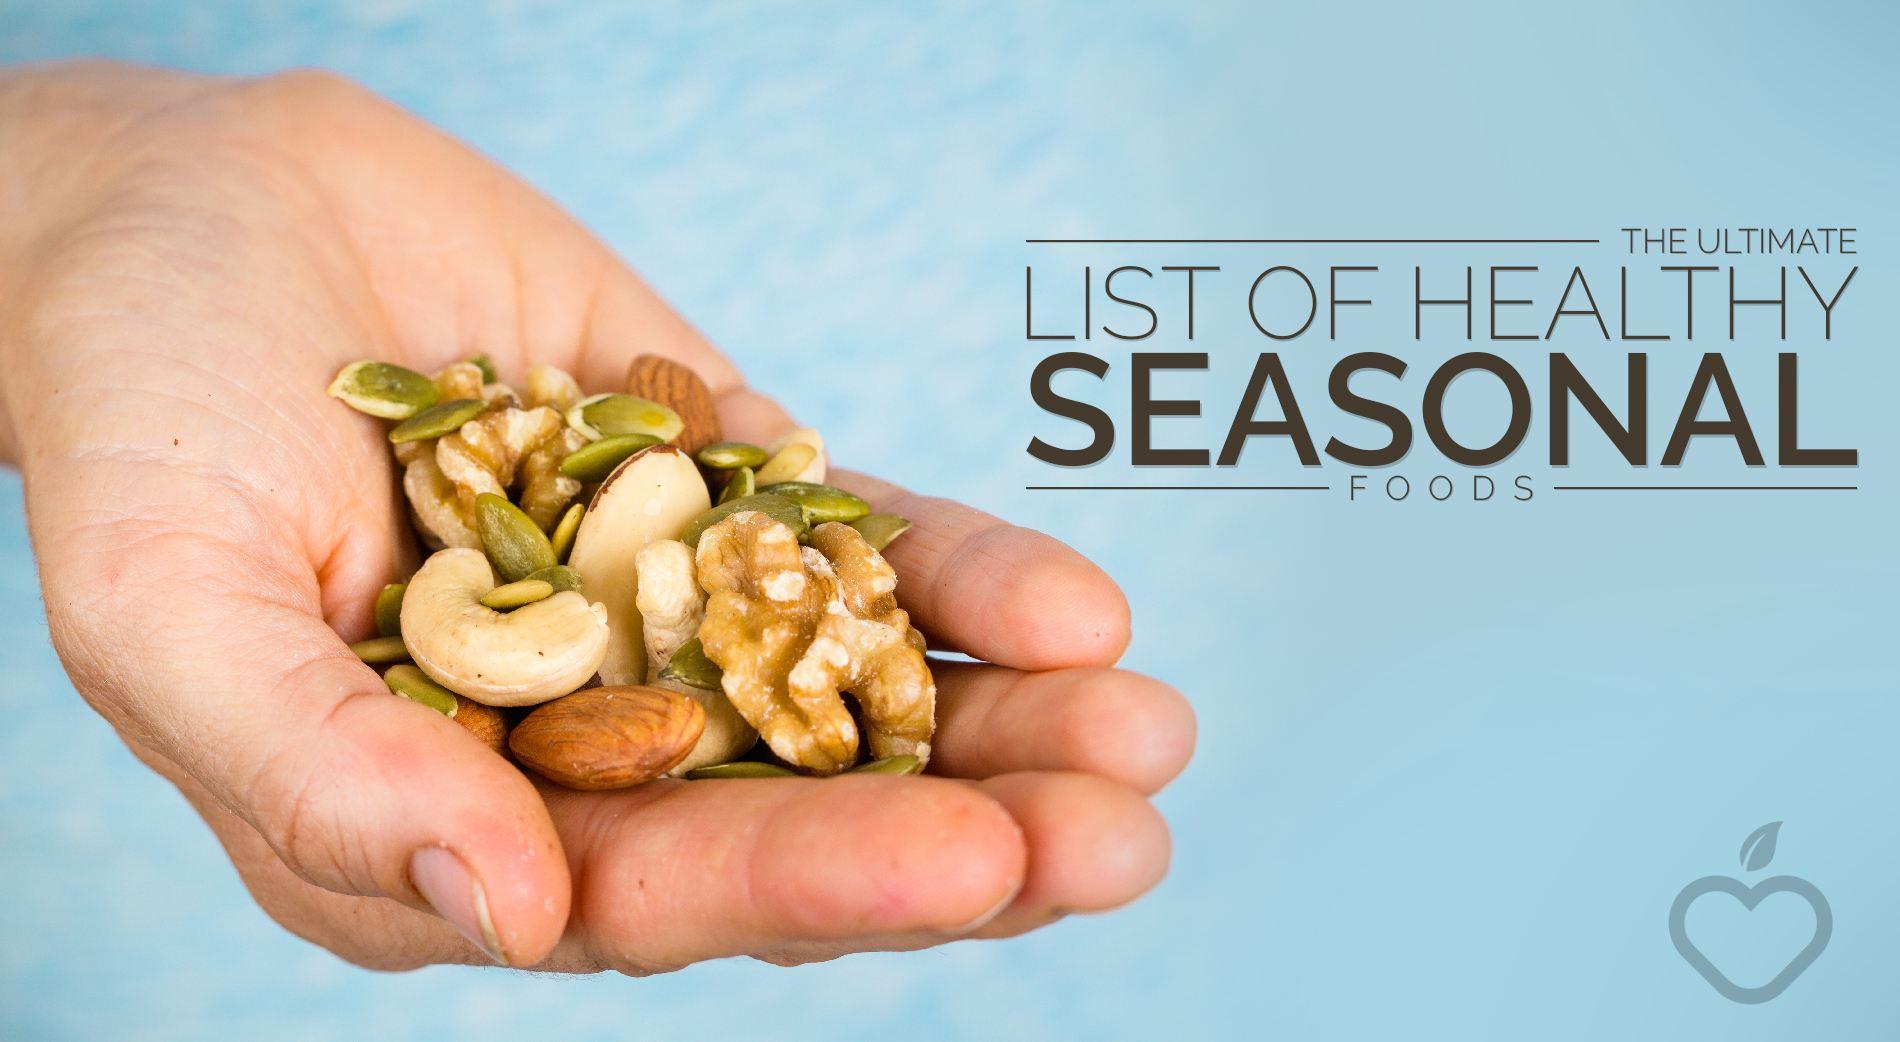 Seasonal Foods Image Design 1 - The Ultimate List Of Healthy Seasonal Foods